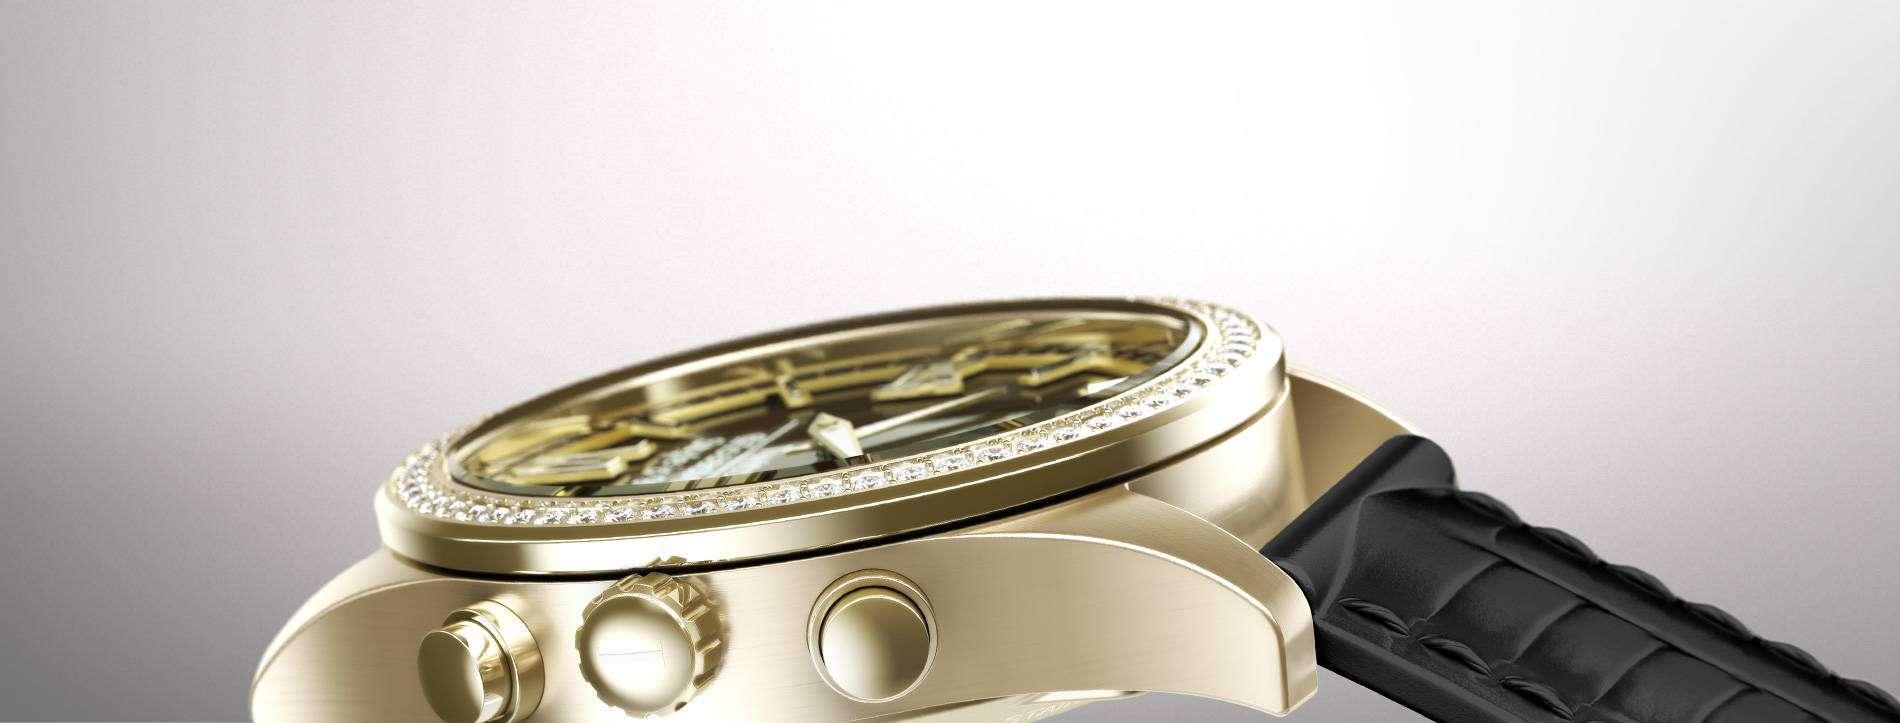 Isaac Mizrahi Smartwatch 8